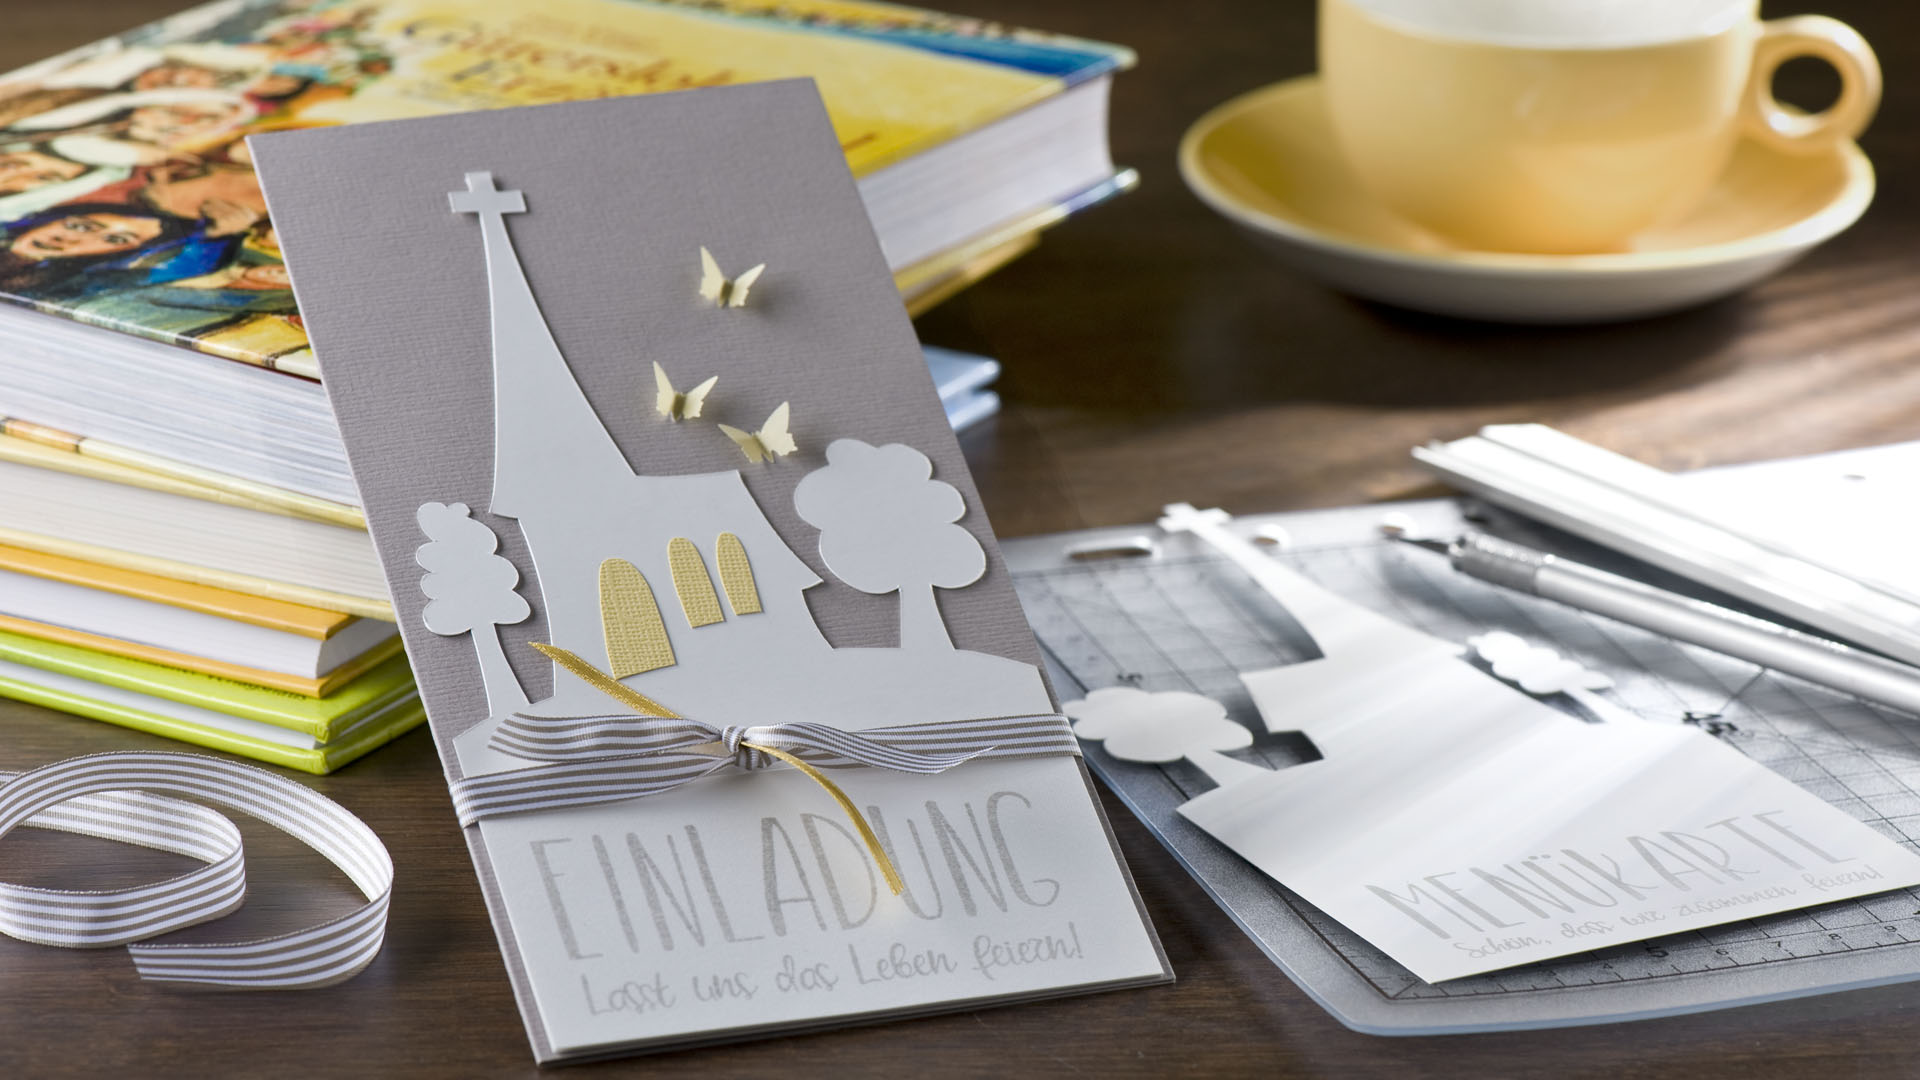 Ideen für Kommunion und Konfirmation: Komm zur Kirche | Einladung - Variante mit geradlinigem Schriftzug